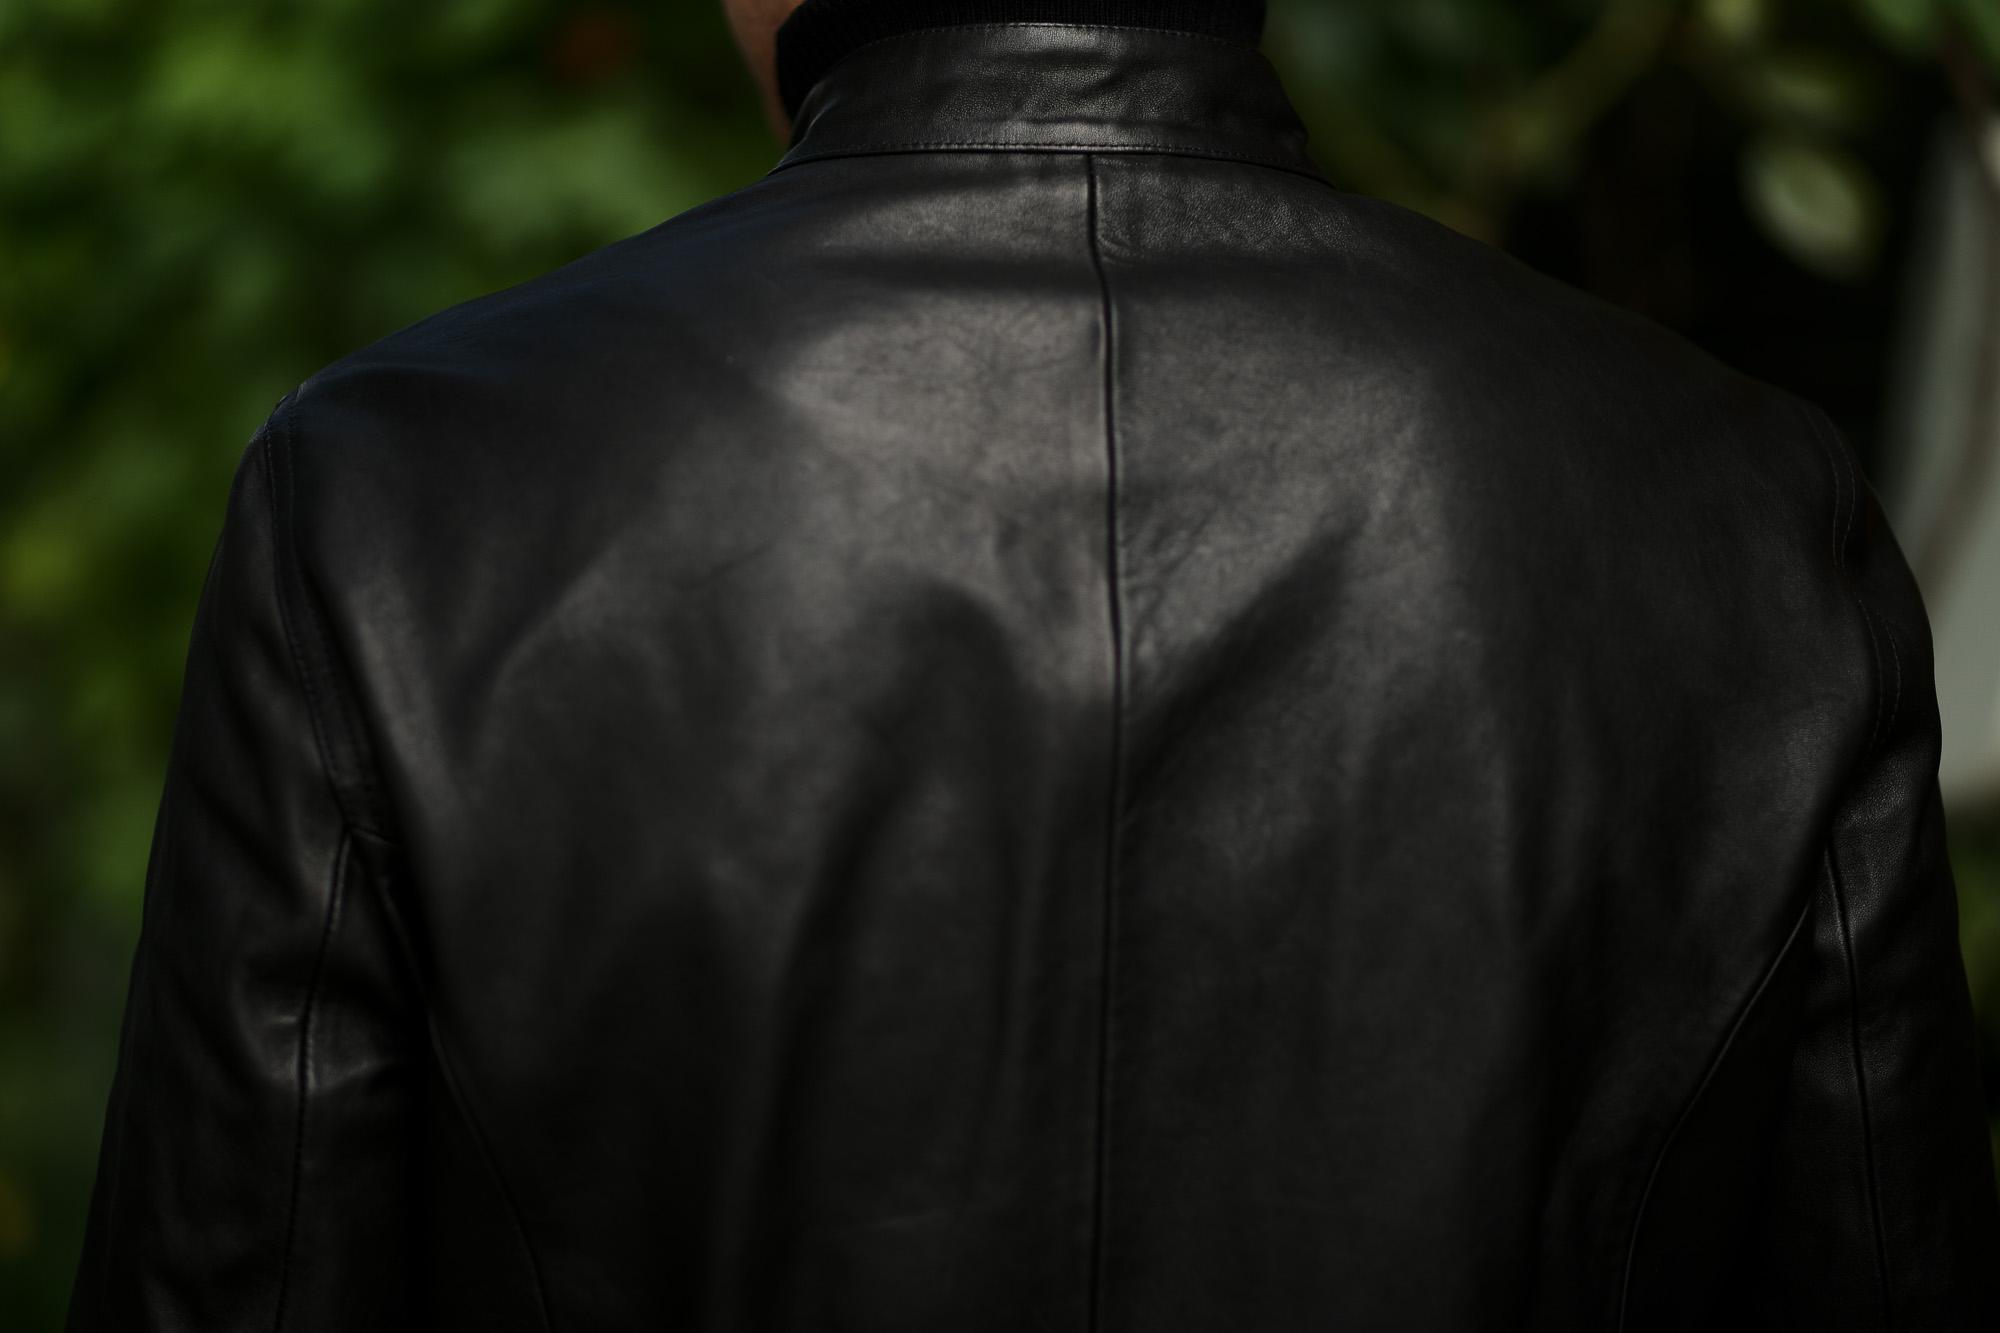 EMMETI(エンメティ) H UOMO(アッカ ウオモ) 干場義雅氏 コラボモデル Lambskin Nappa Leather 0.9mm ラムナッパレザー 0.9mm シングルライダース NERO(ブラック) 2019秋冬 【Special Model】愛知 名古屋 altoediritto アルトエデリット yoshimasahoshiba